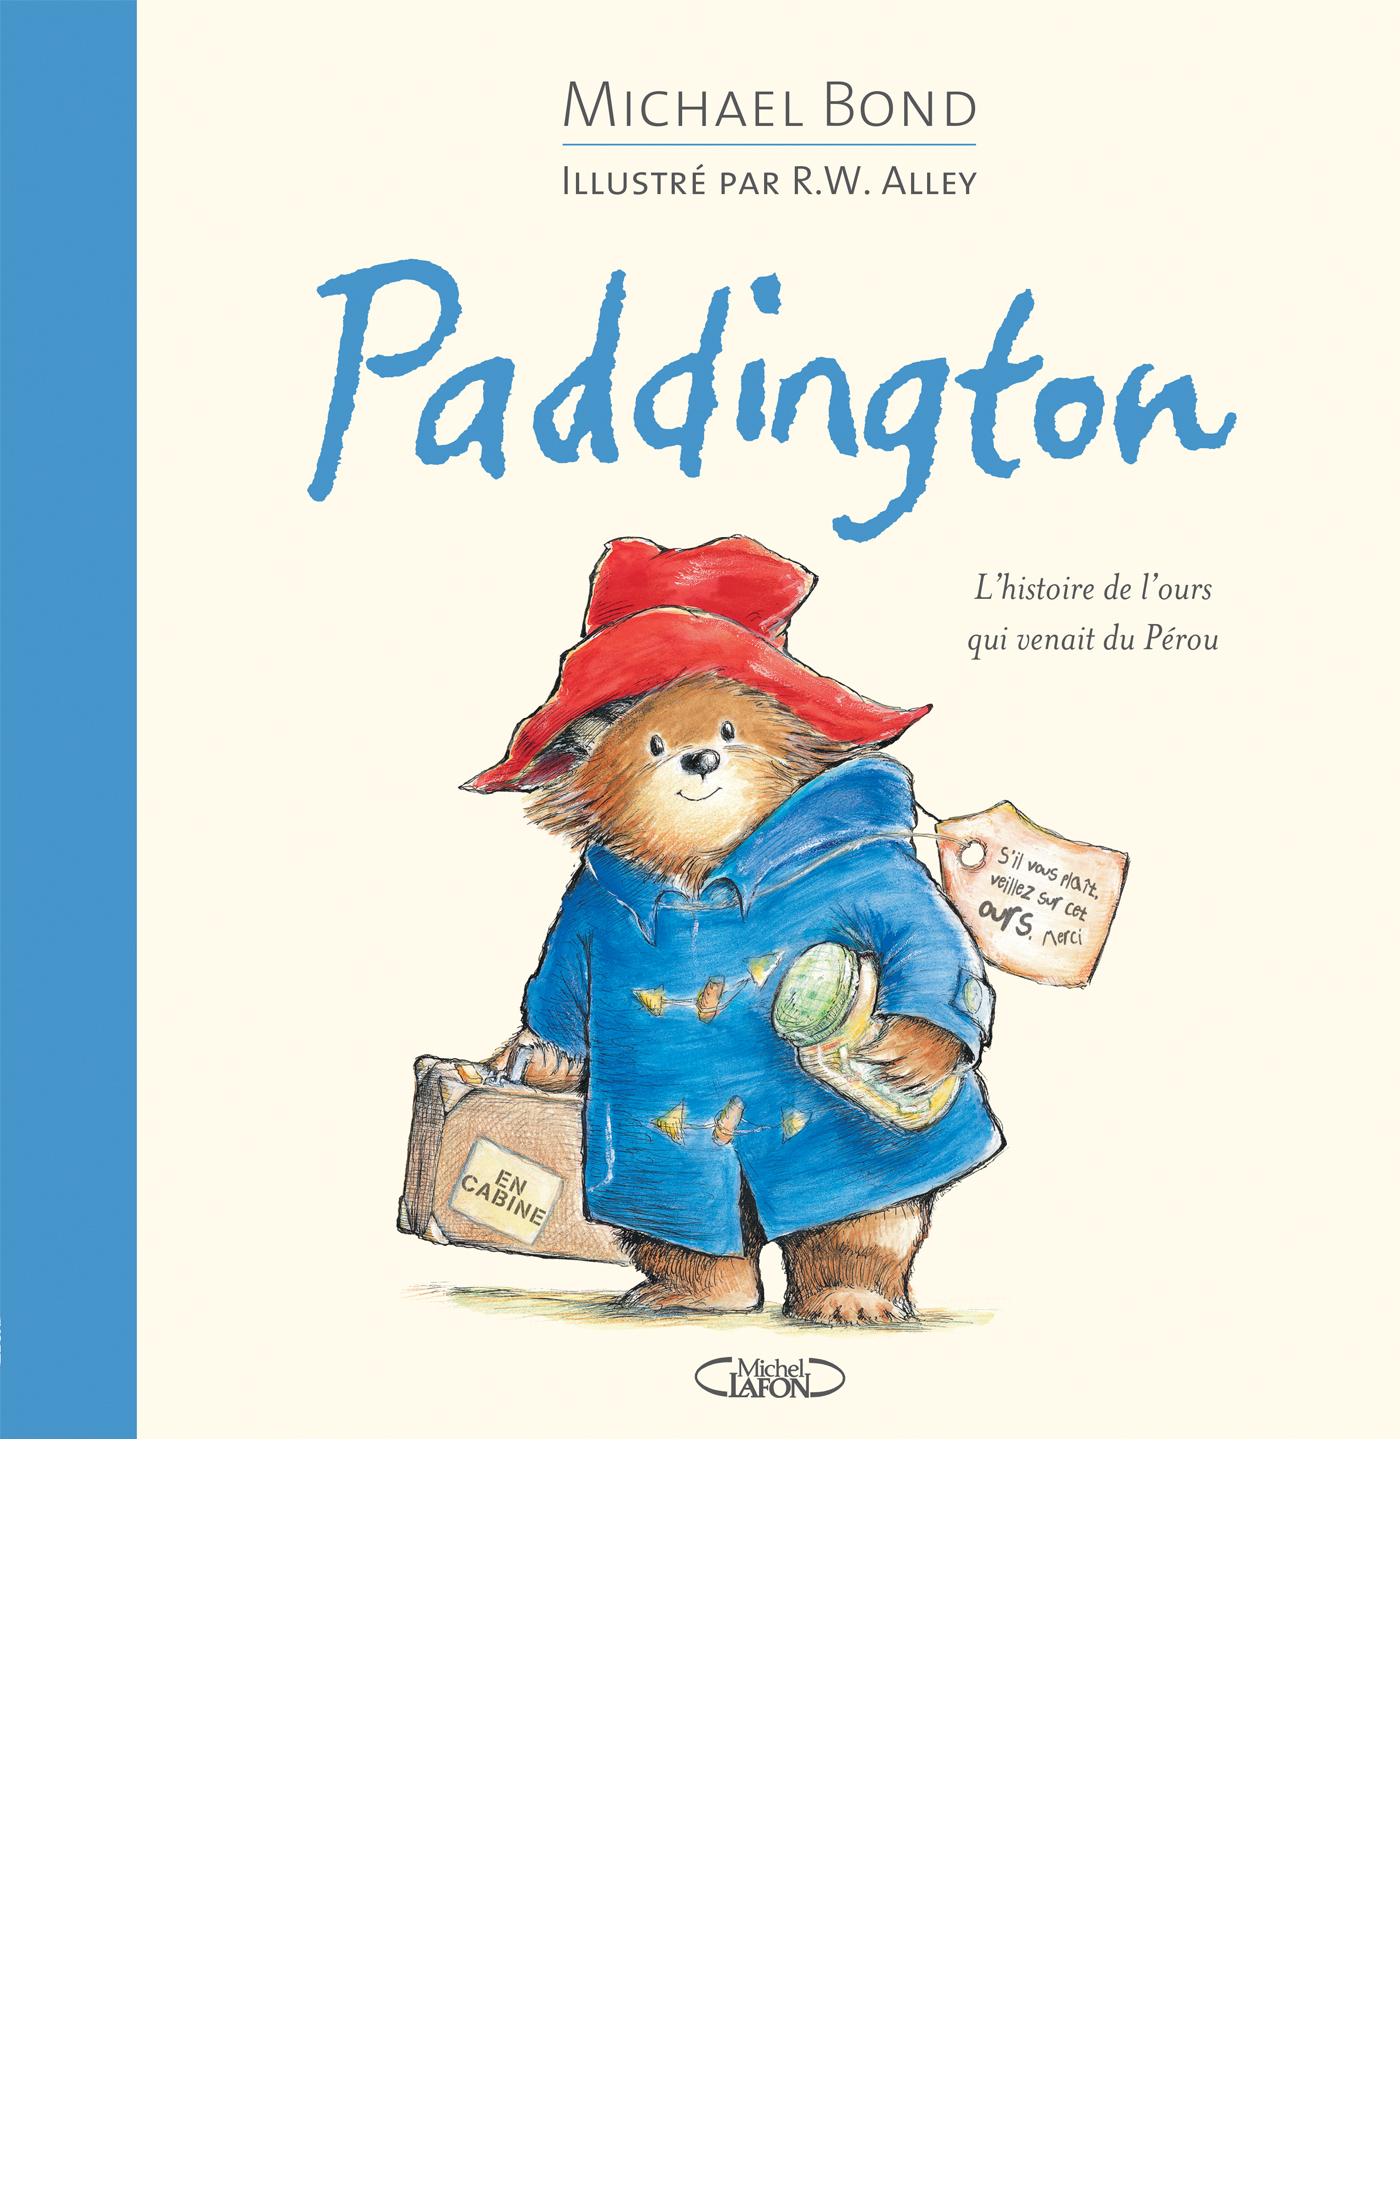 Paddington L'histoire de l'ours qui venait du Pérou